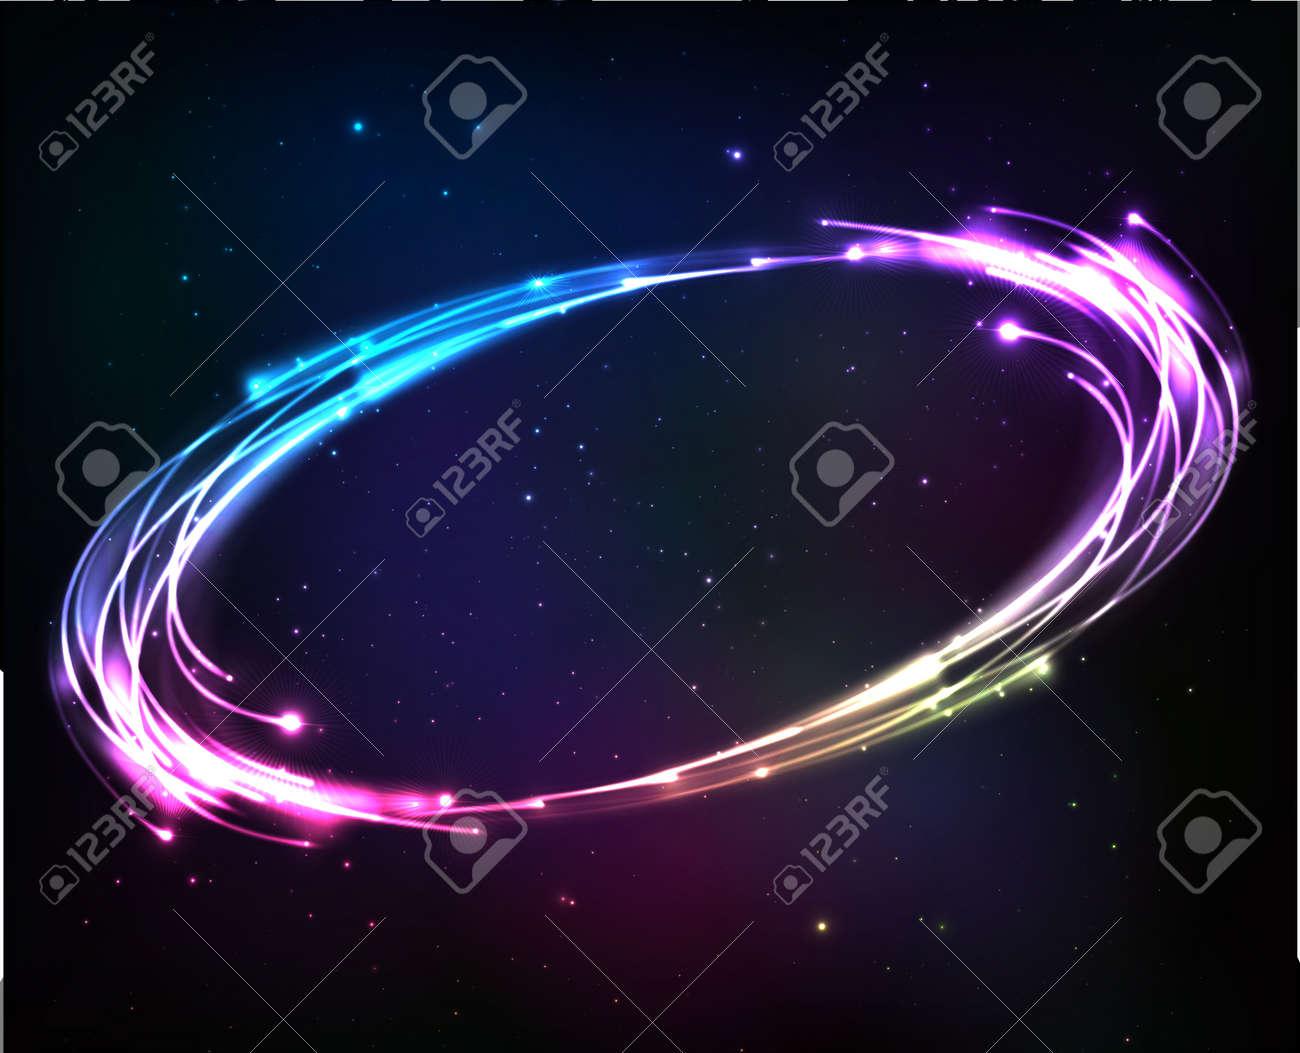 Neón Brillante Ilumina Marco Abstracto Cósmico Ilustraciones ...